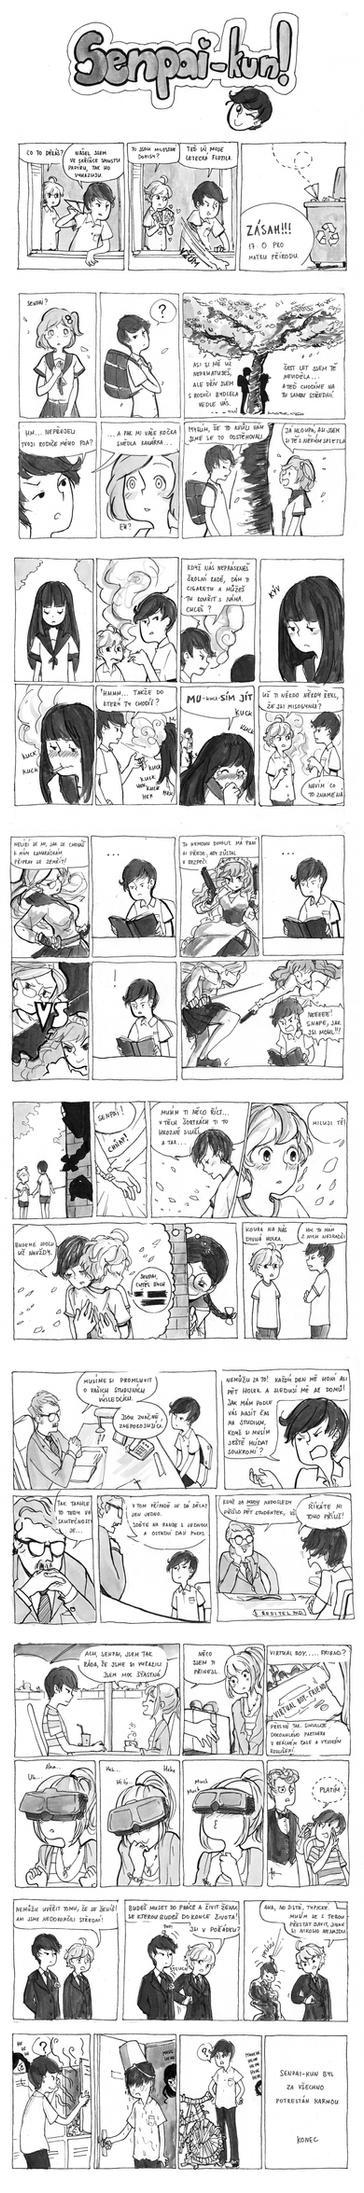 Senpai-kun by Haspien